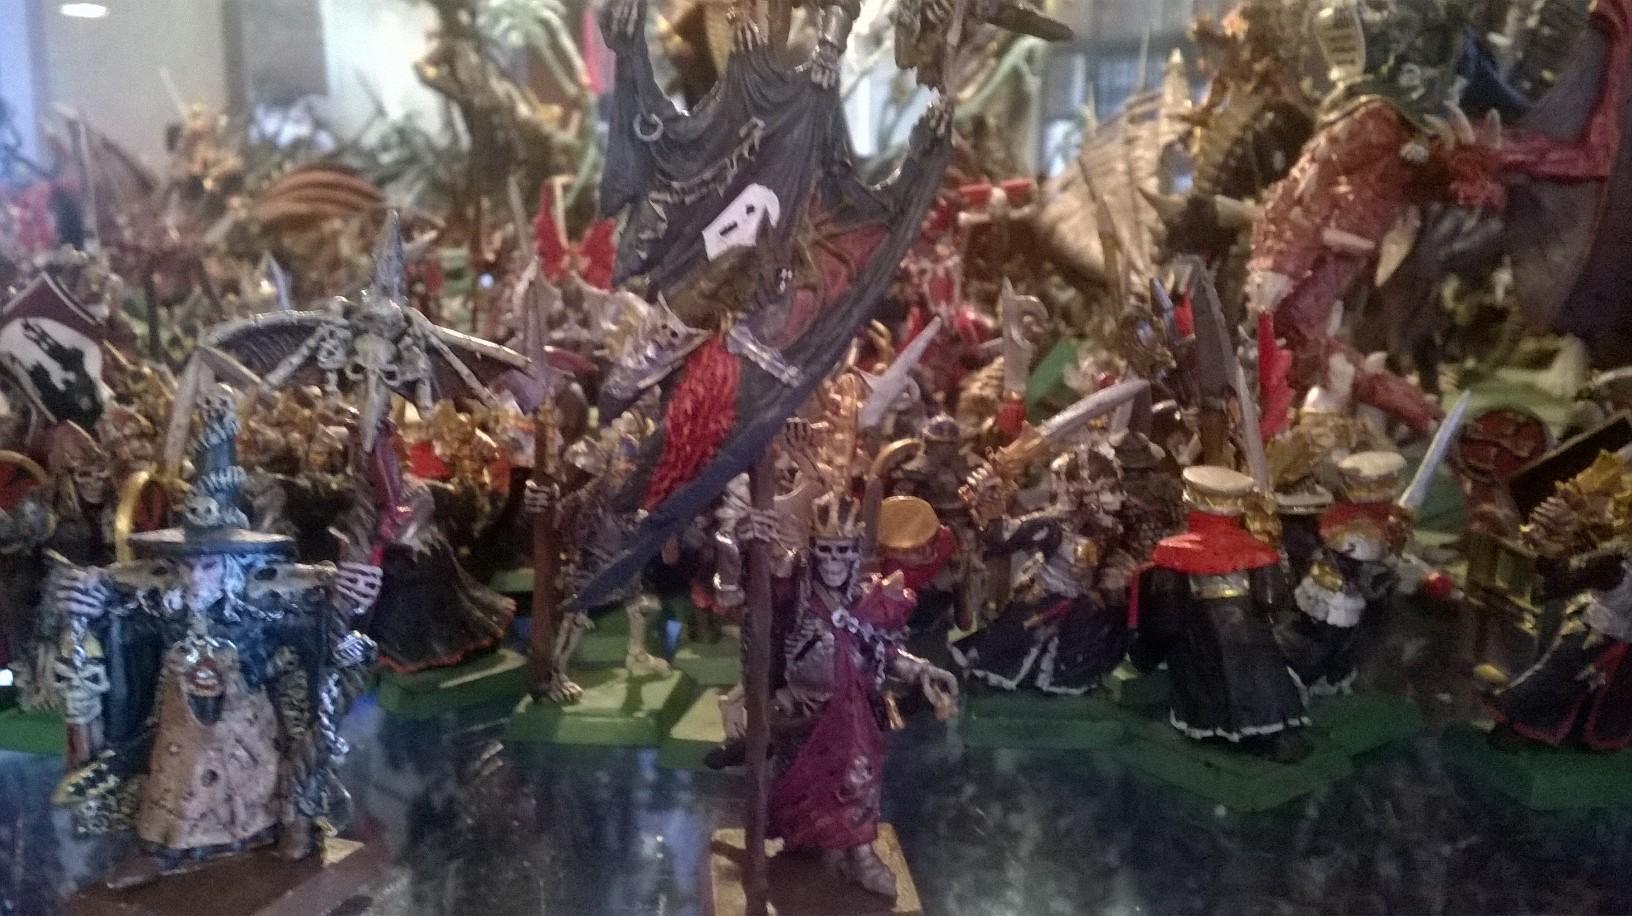 Les Armées de Nico. (Battle & 40K) 978982WP20151028006